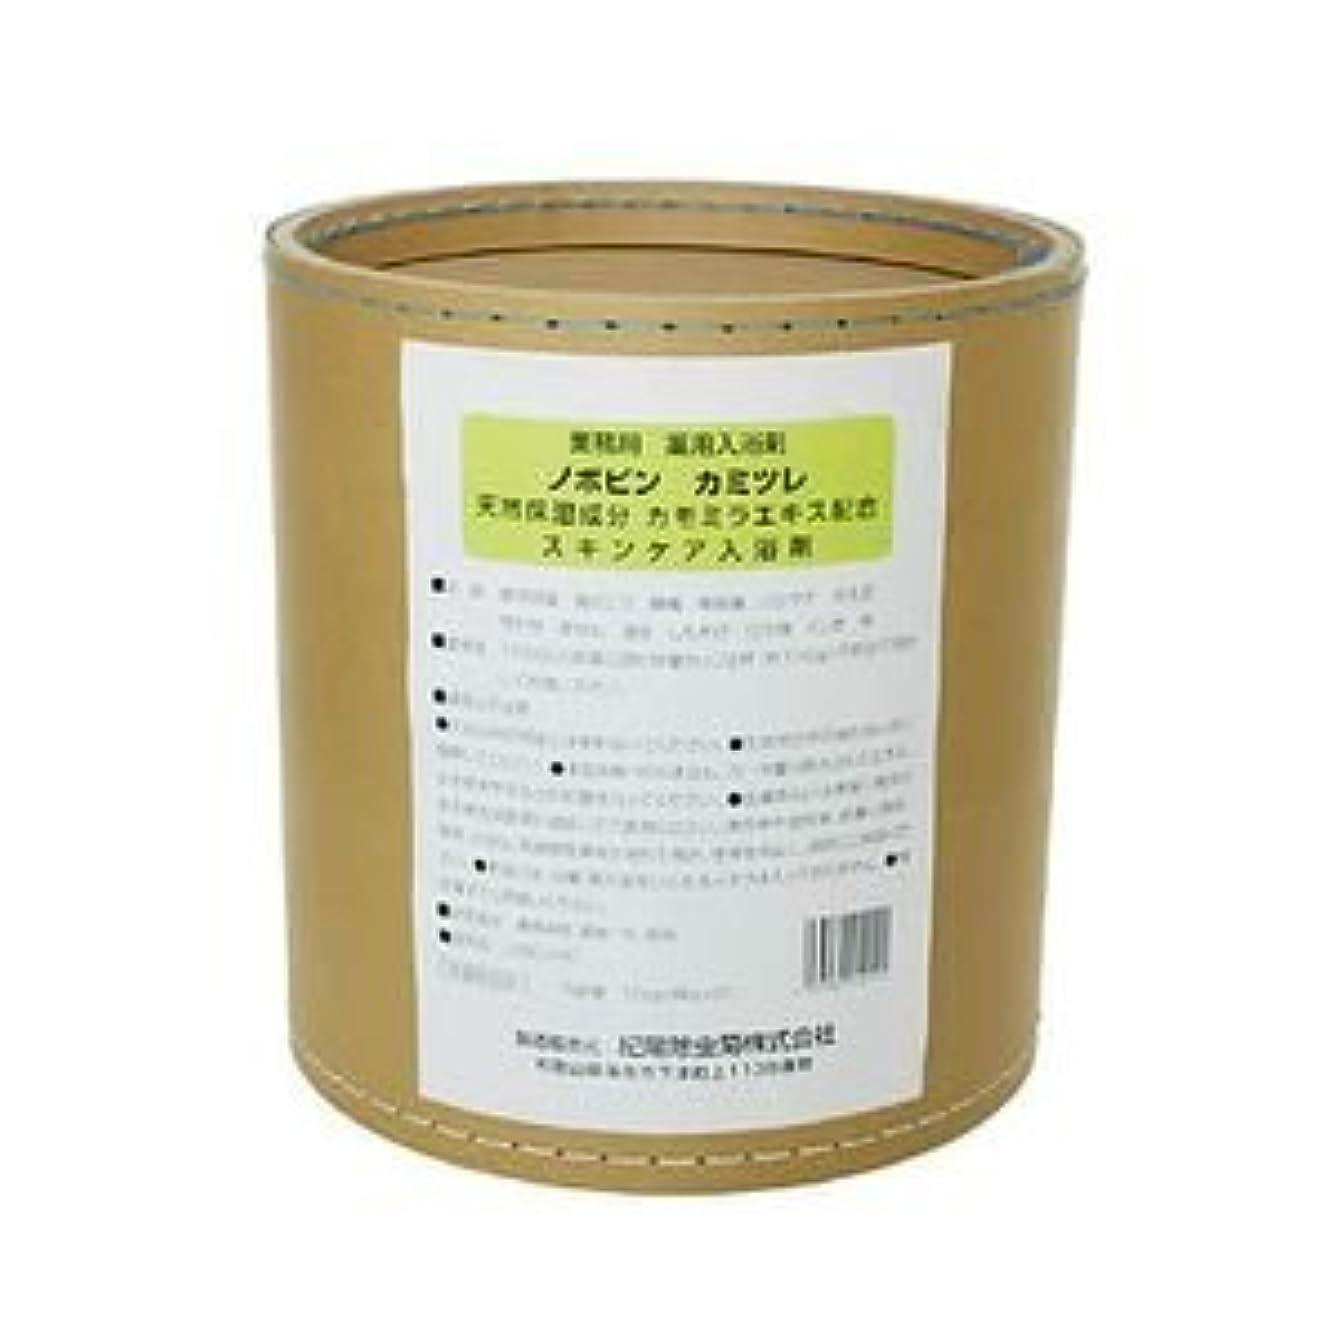 虚弱荒らす香港業務用 バス 入浴剤 ノボピン カミツレ 16kg(8kg+2)